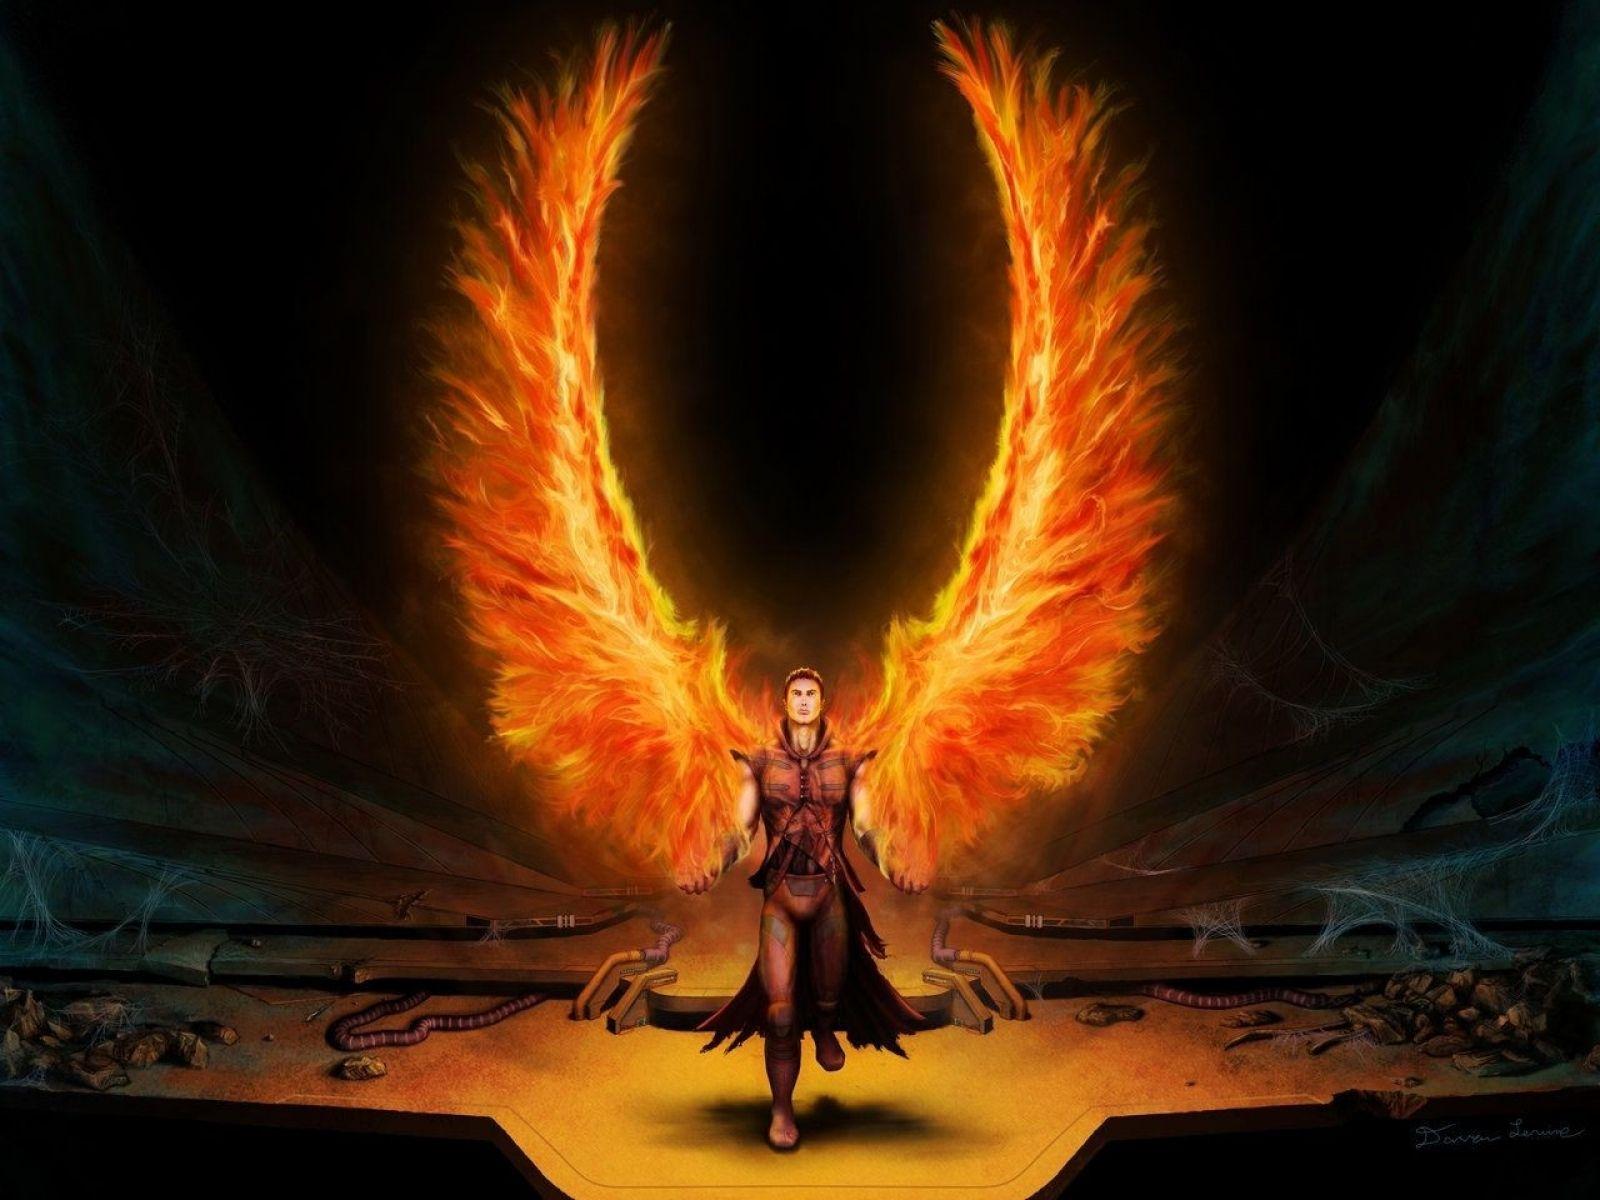 Fire angel of war   Catching Flames   Pinterest